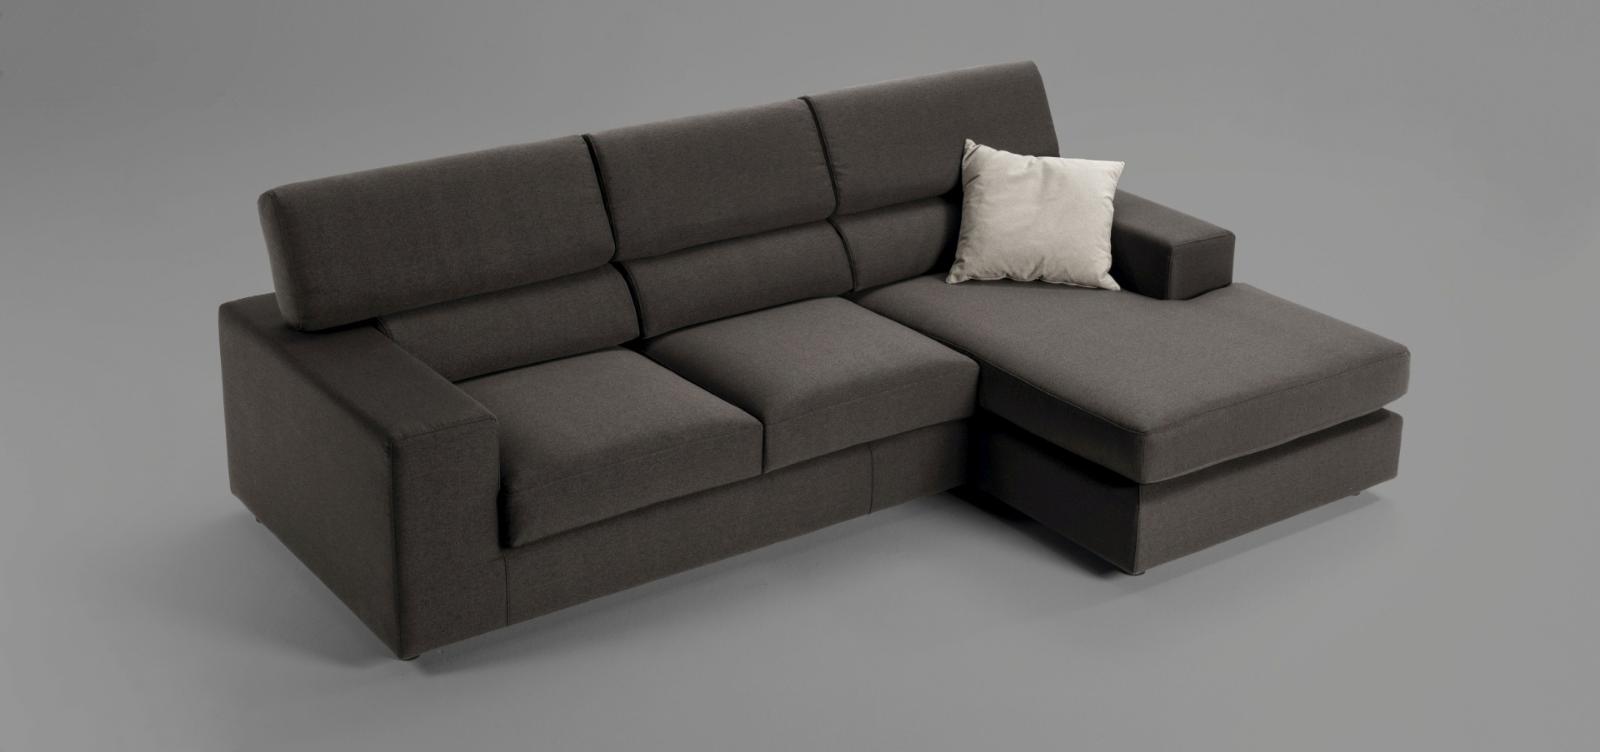 Divano - sofa - divano in pelle - divano in tessuto ...